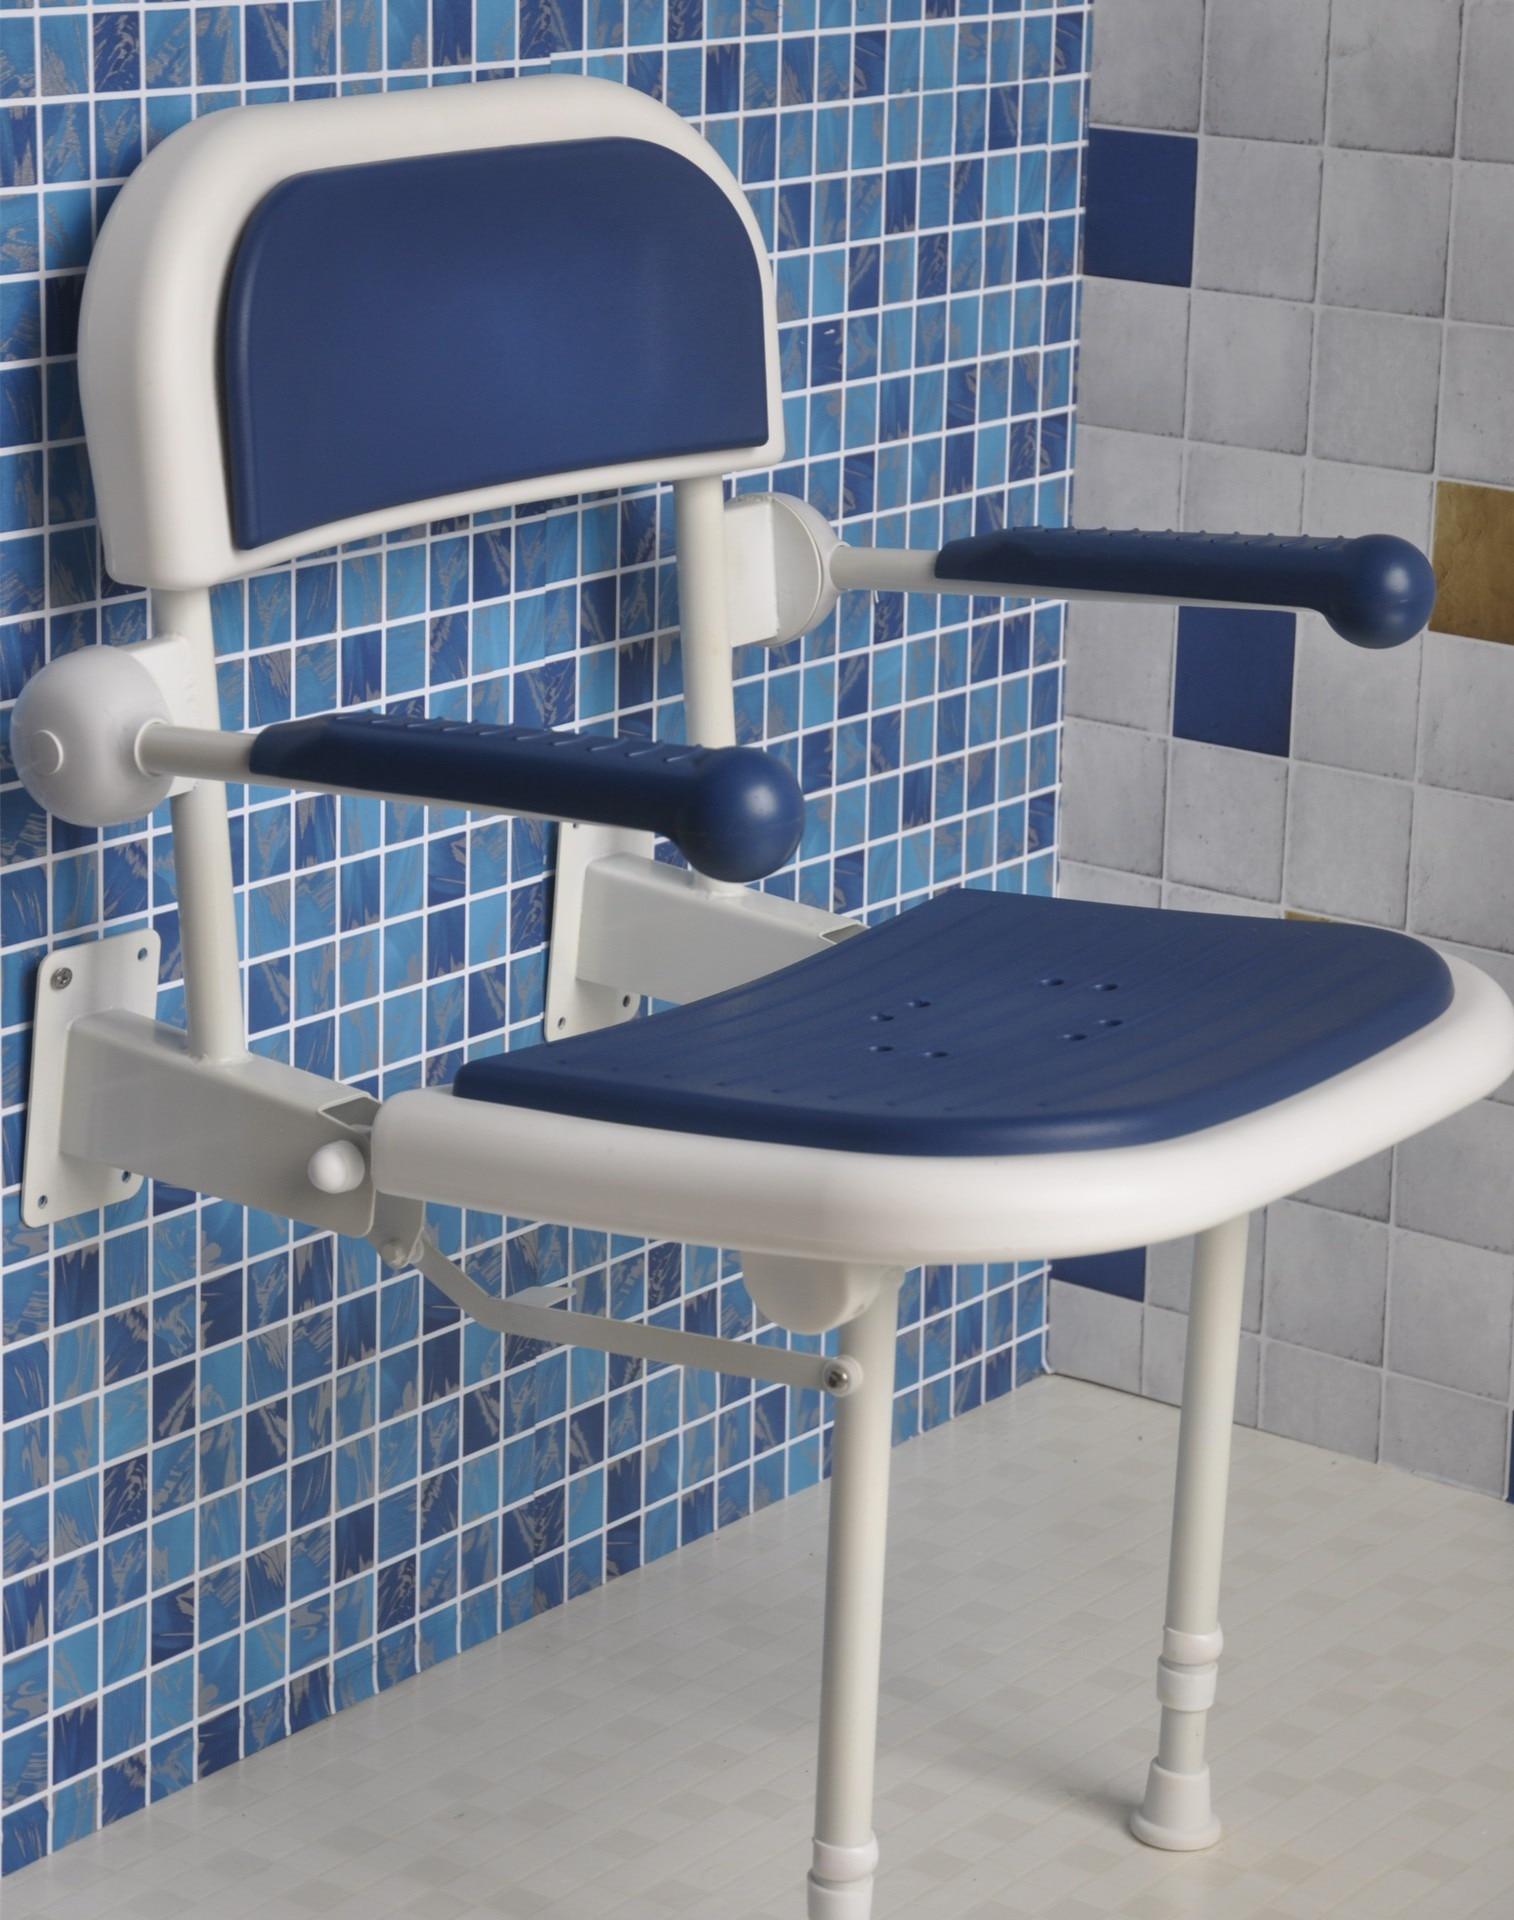 شنت الجدار حمام البراز الألومنيوم الحمام الجدار طوي مقعد 6-Gear سرعة تعديل للطي كرسي استحمام دش مقعد قابل للطي